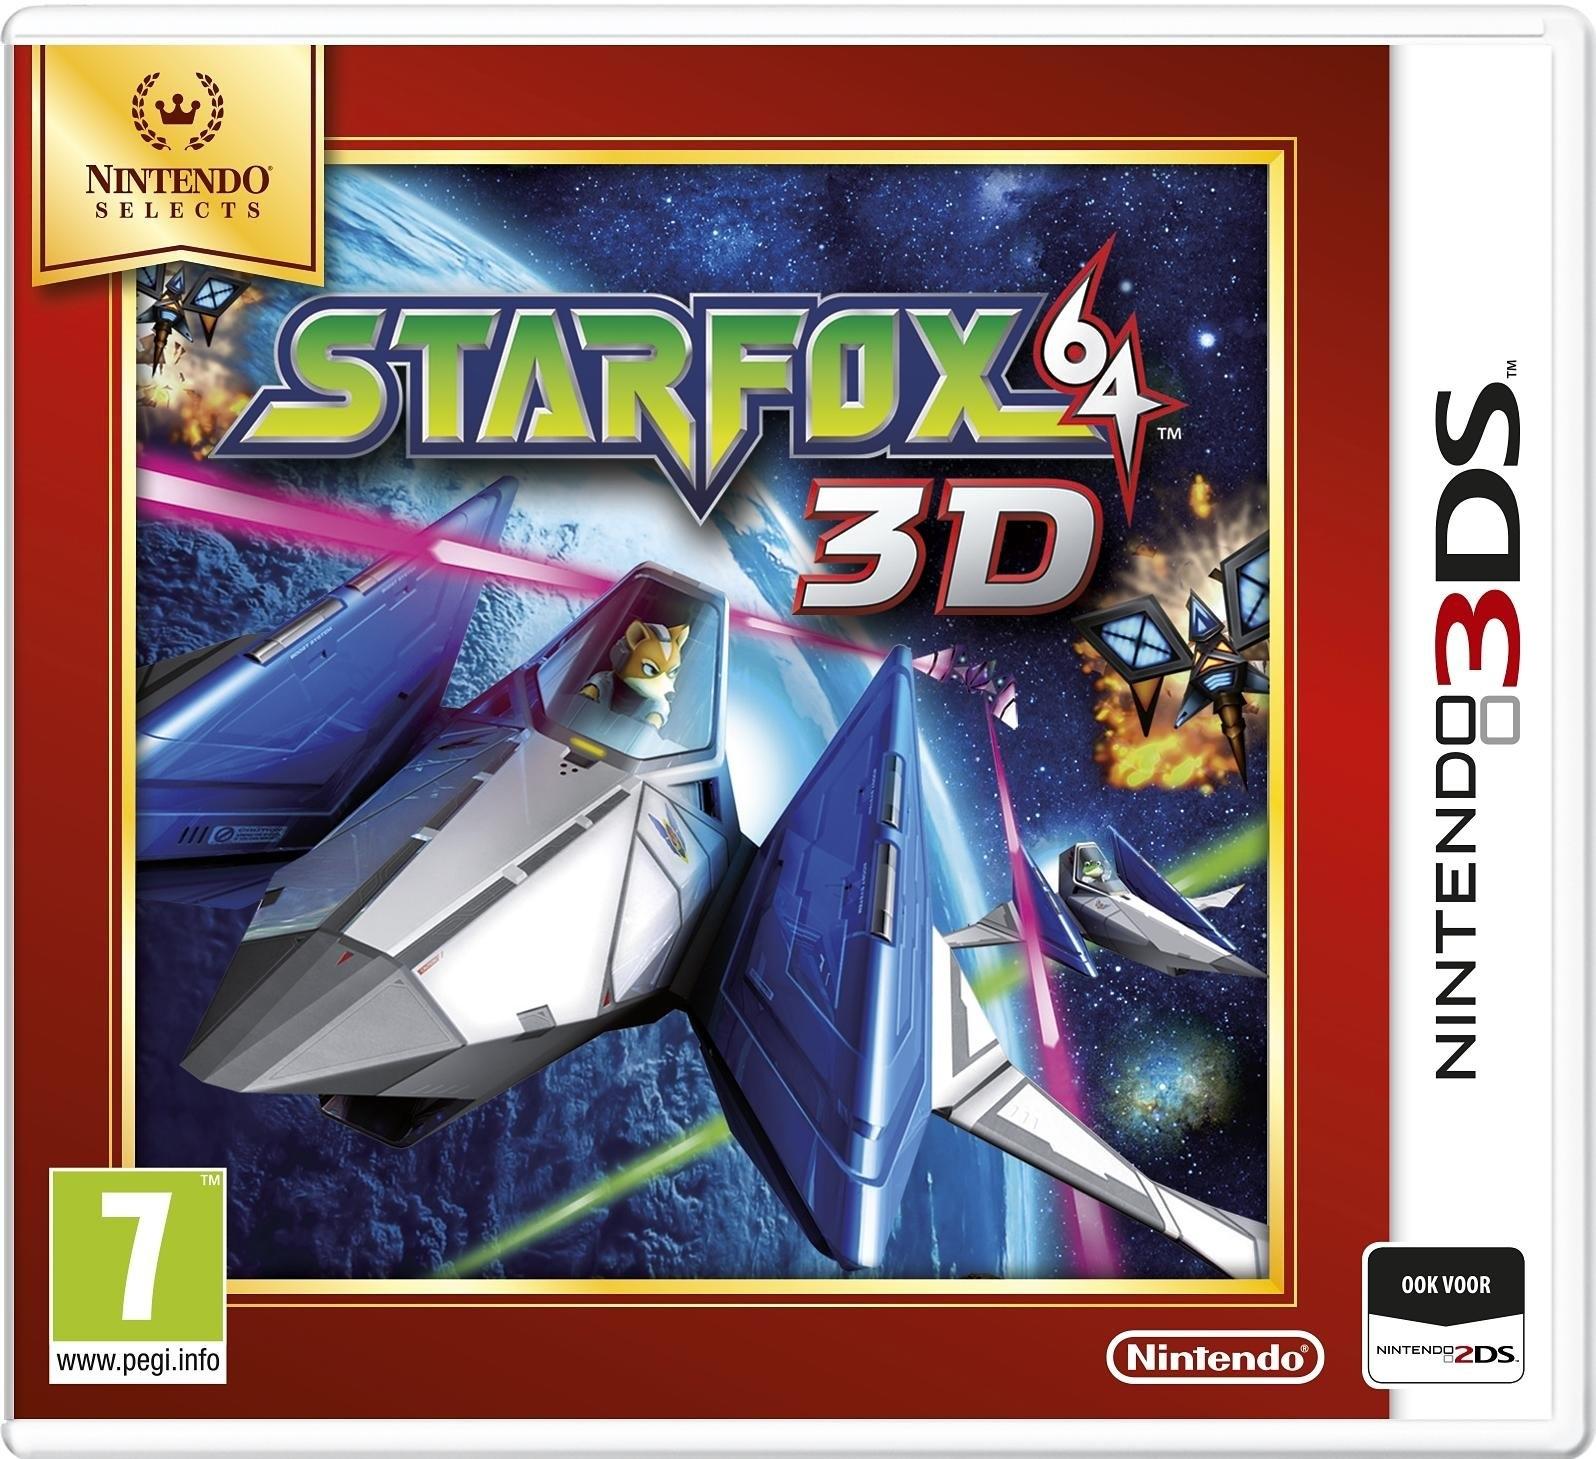 NINTENDO 3DS, StarFox 64 3D (Select) goedkoop op otto.nl kopen